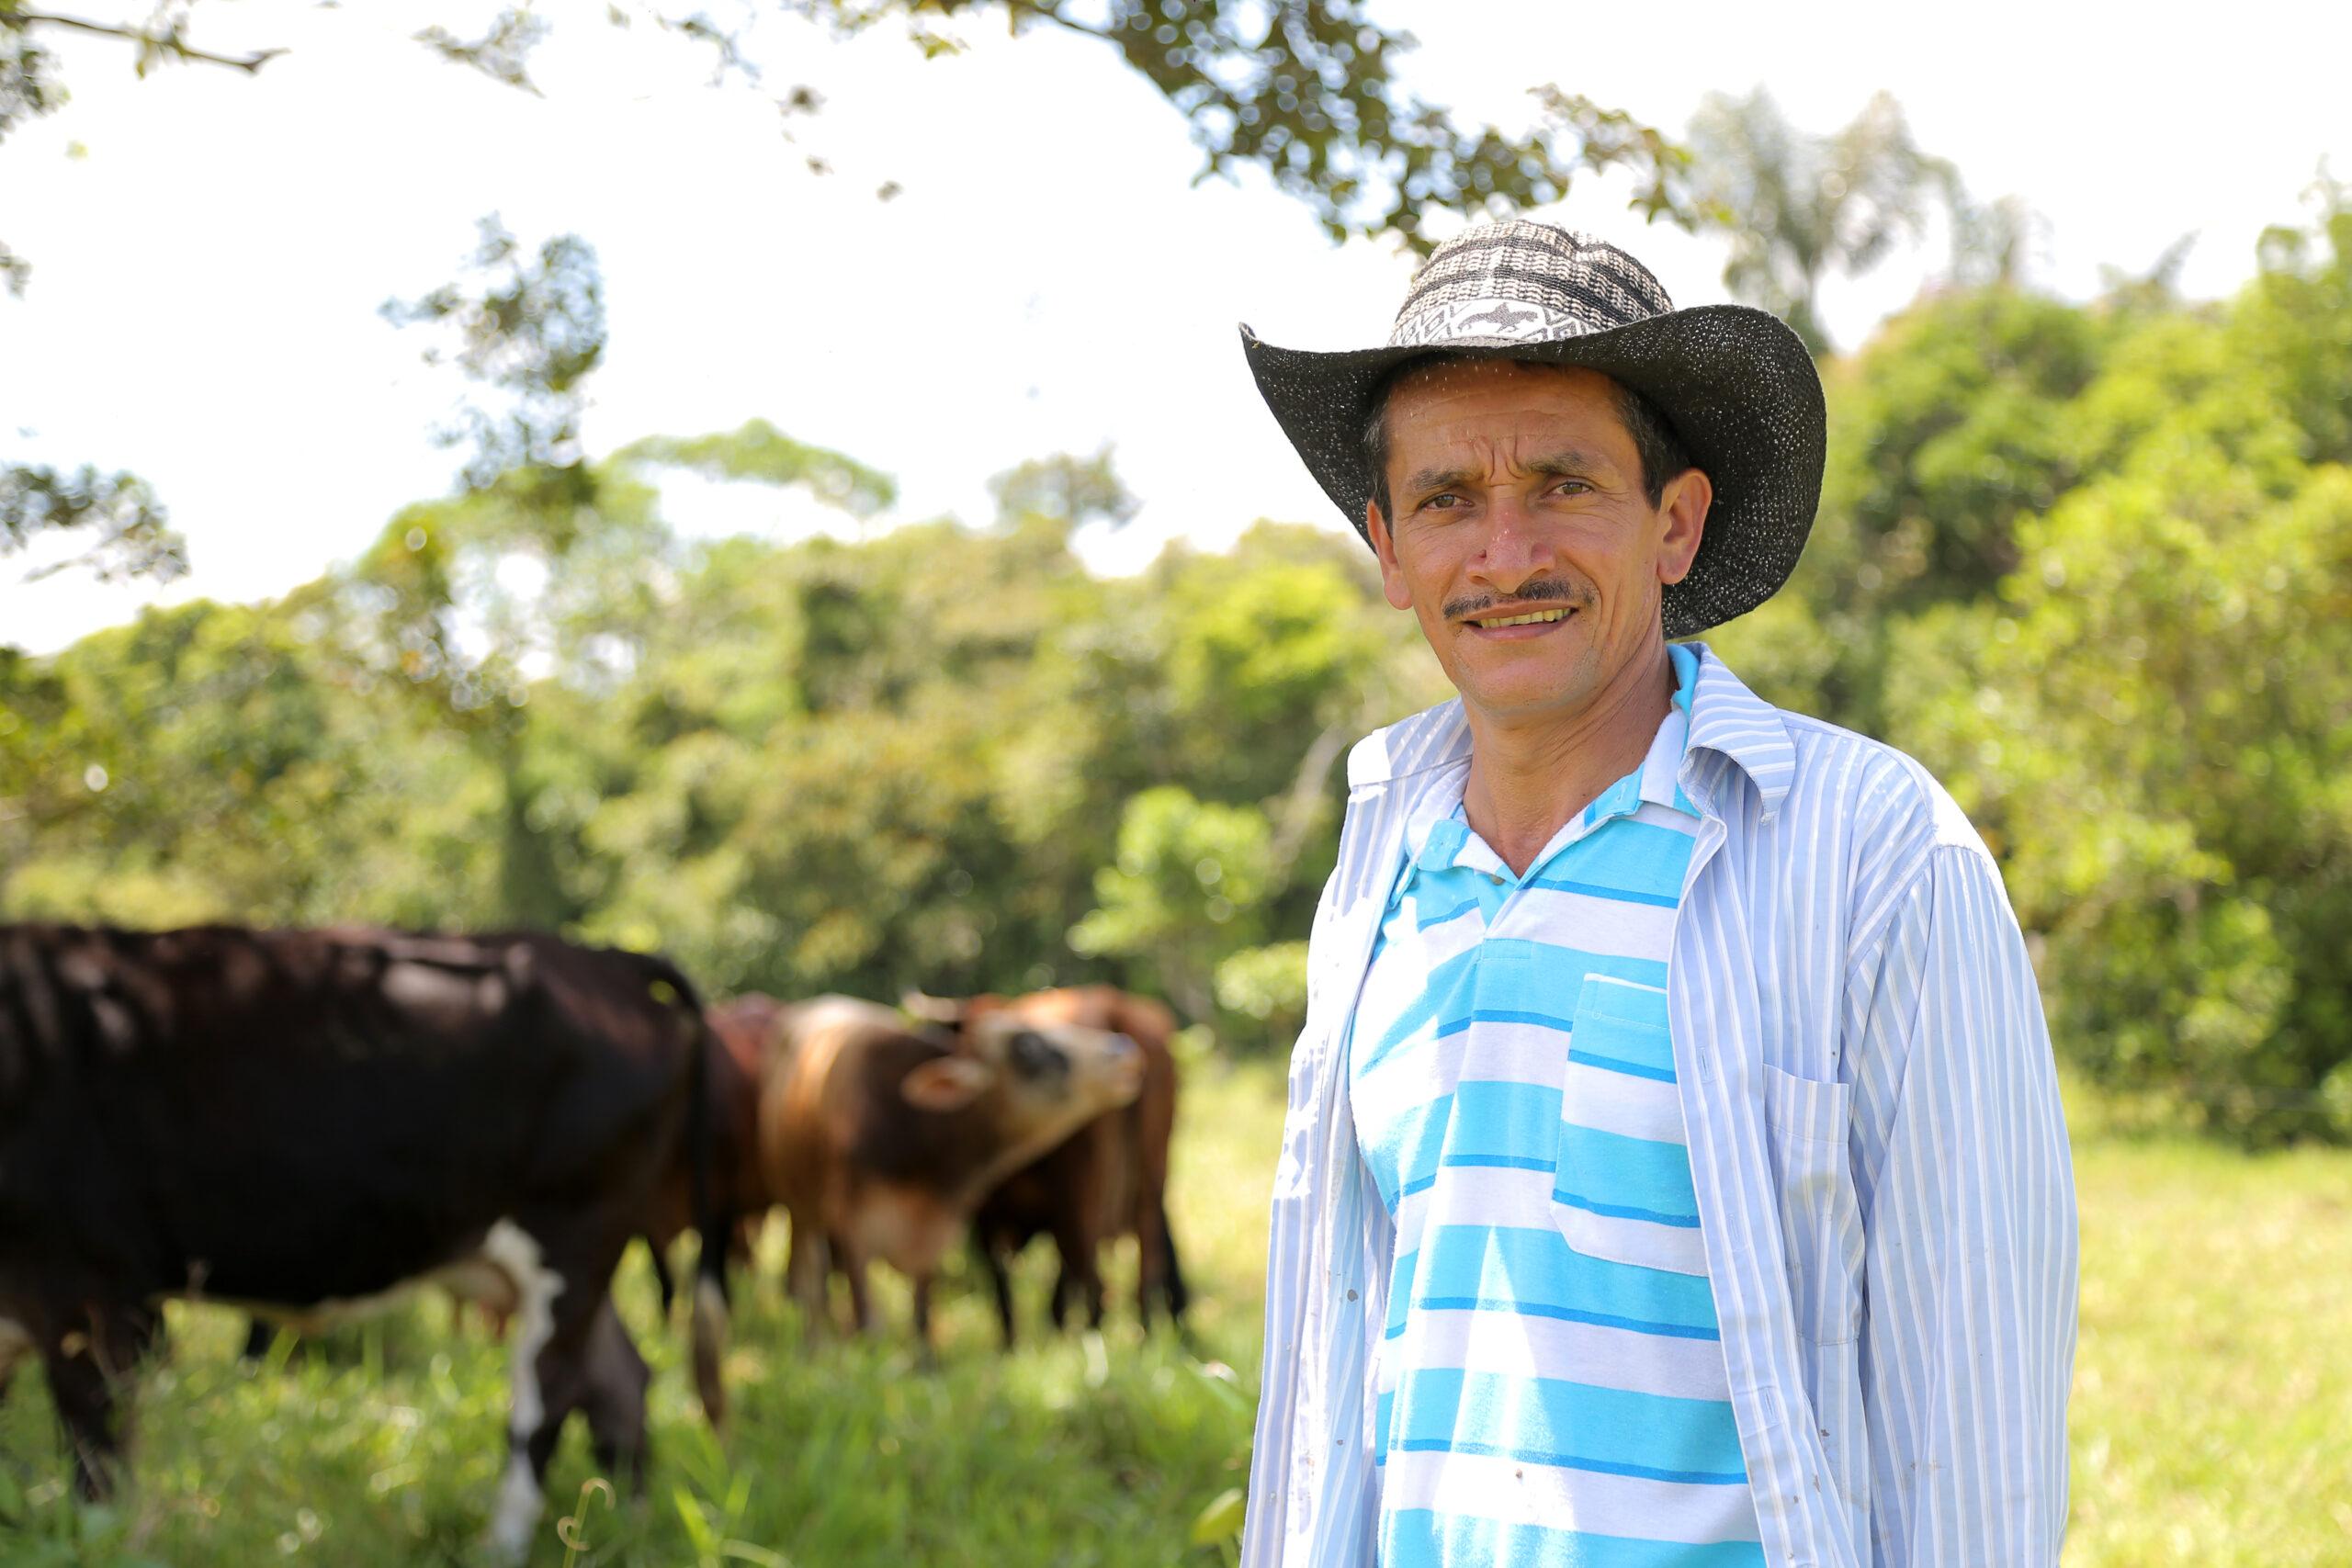 El sabor de Yogurcito ahora estará acompañado de una de las marcas de tradición más importantes del país